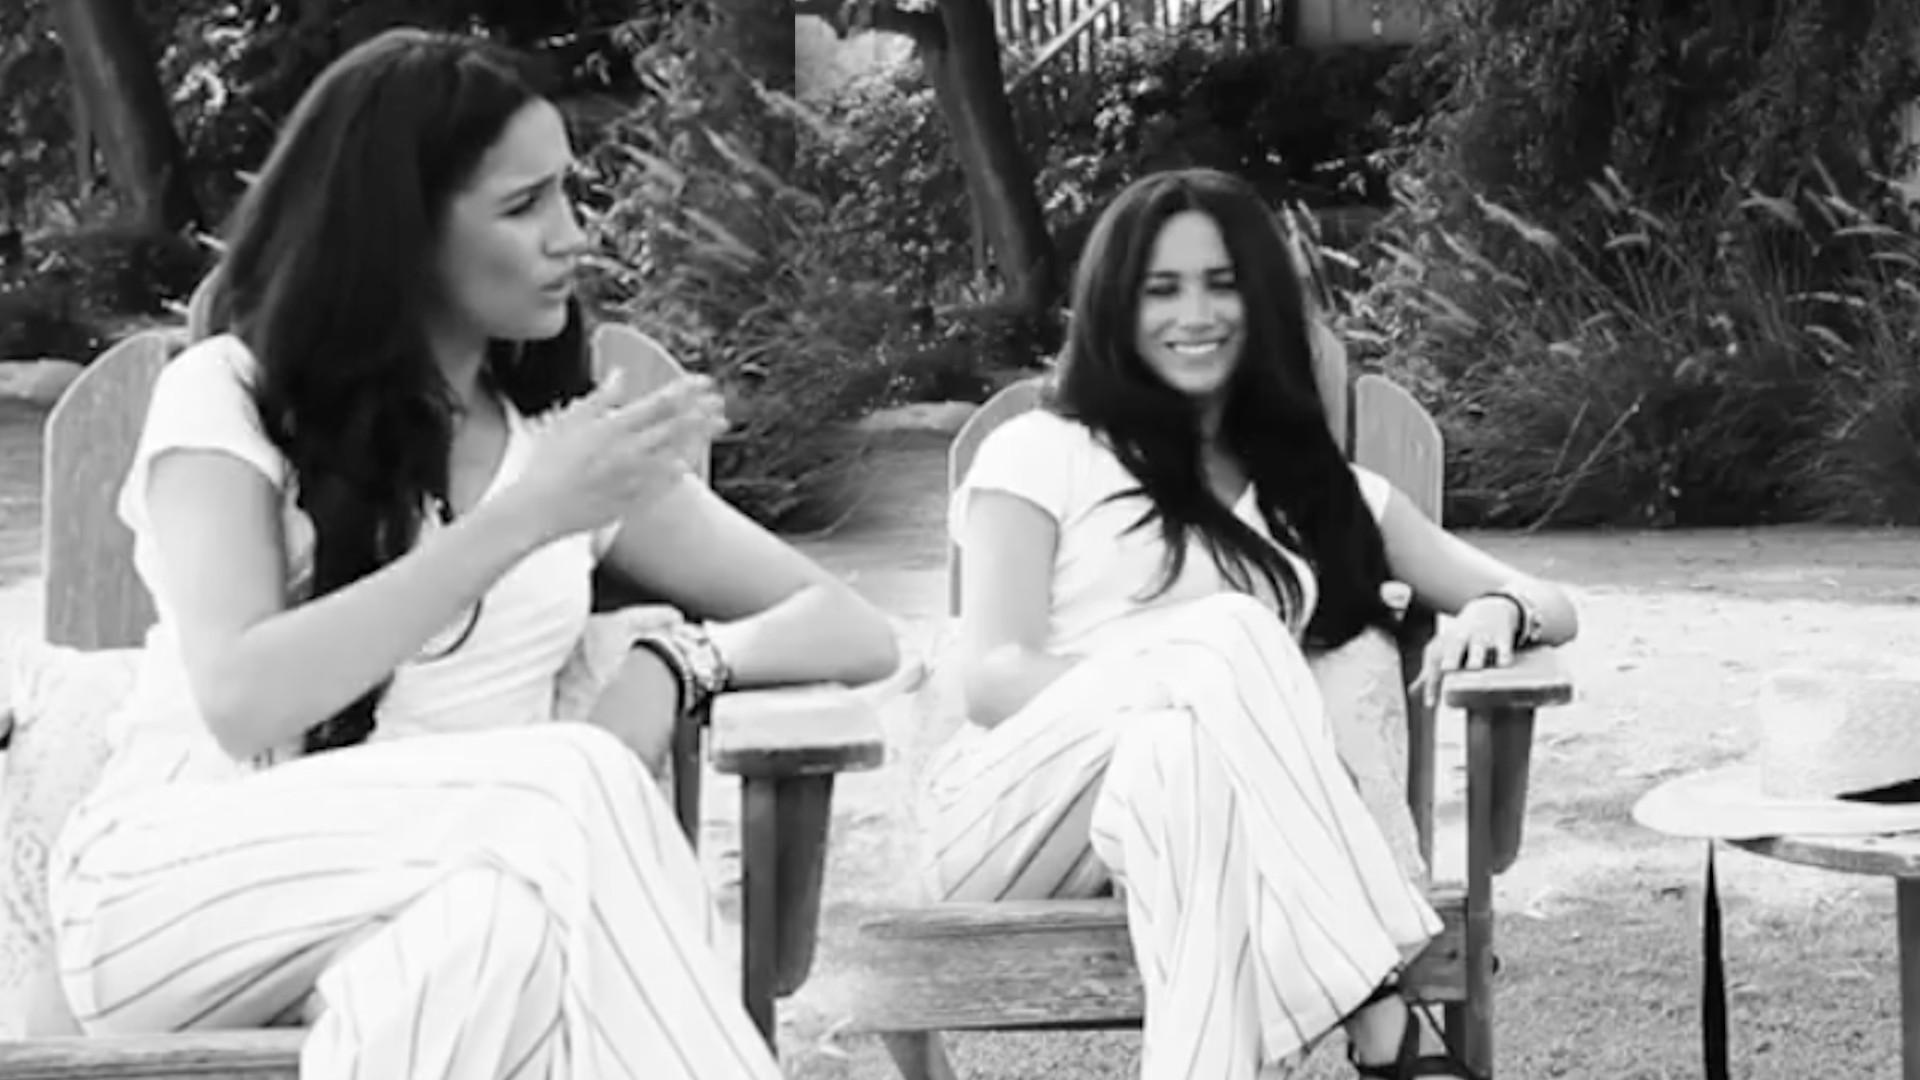 Meghan Markle udzieliła wywiadu w swoim ogrodzie. Nagle w rozmowie przeszkodziły jej psy